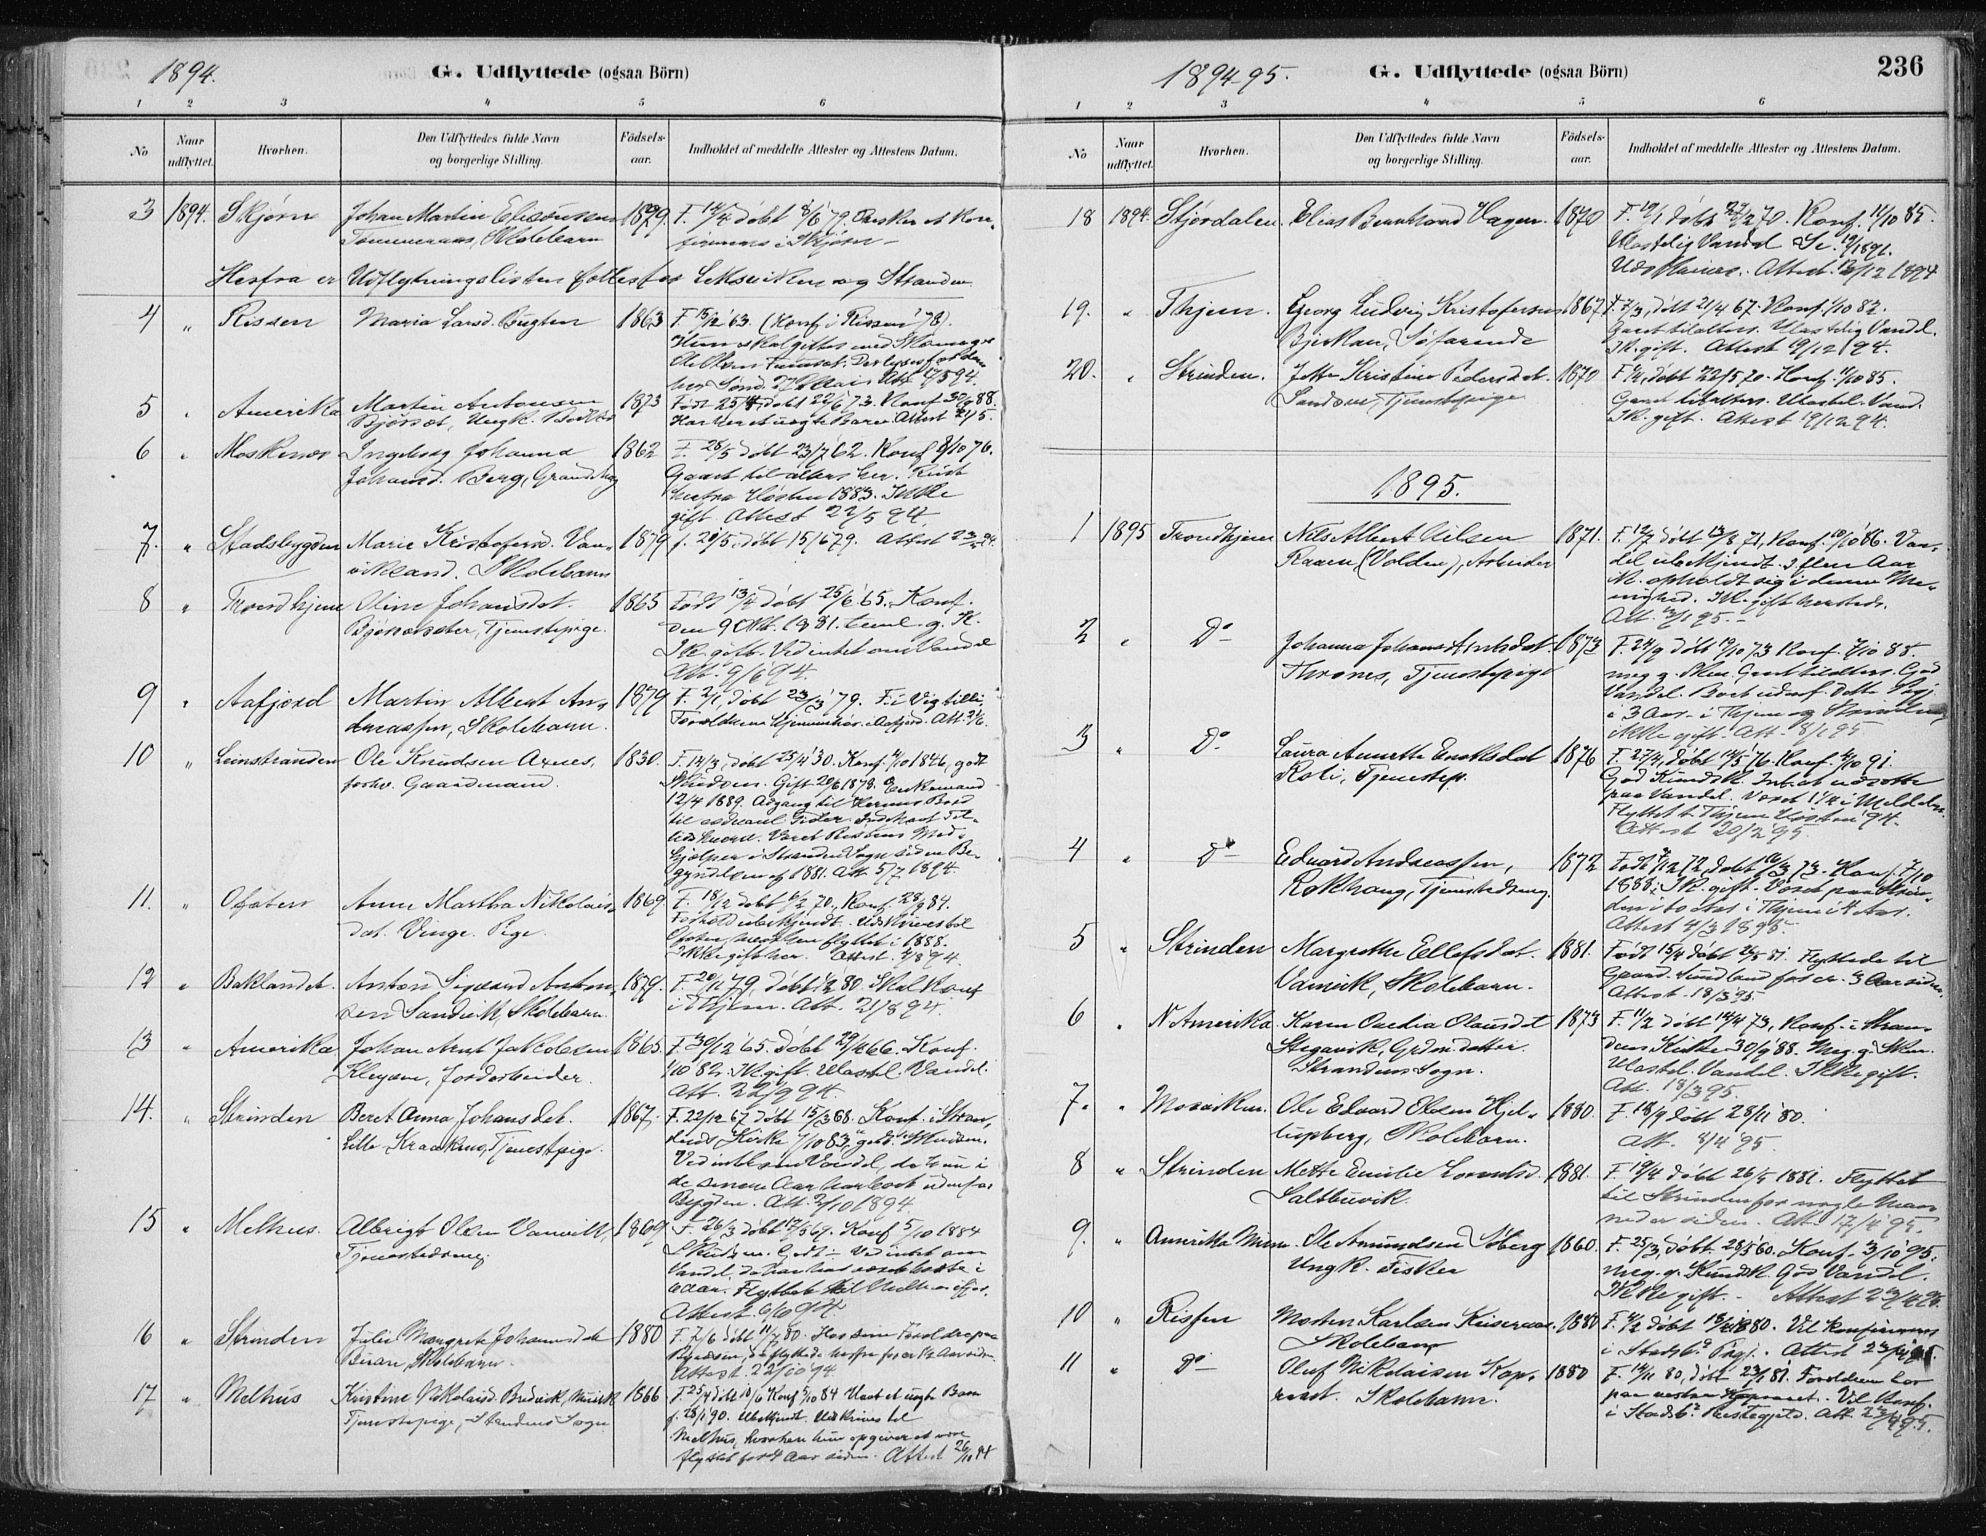 SAT, Ministerialprotokoller, klokkerbøker og fødselsregistre - Nord-Trøndelag, 701/L0010: Ministerialbok nr. 701A10, 1883-1899, s. 236